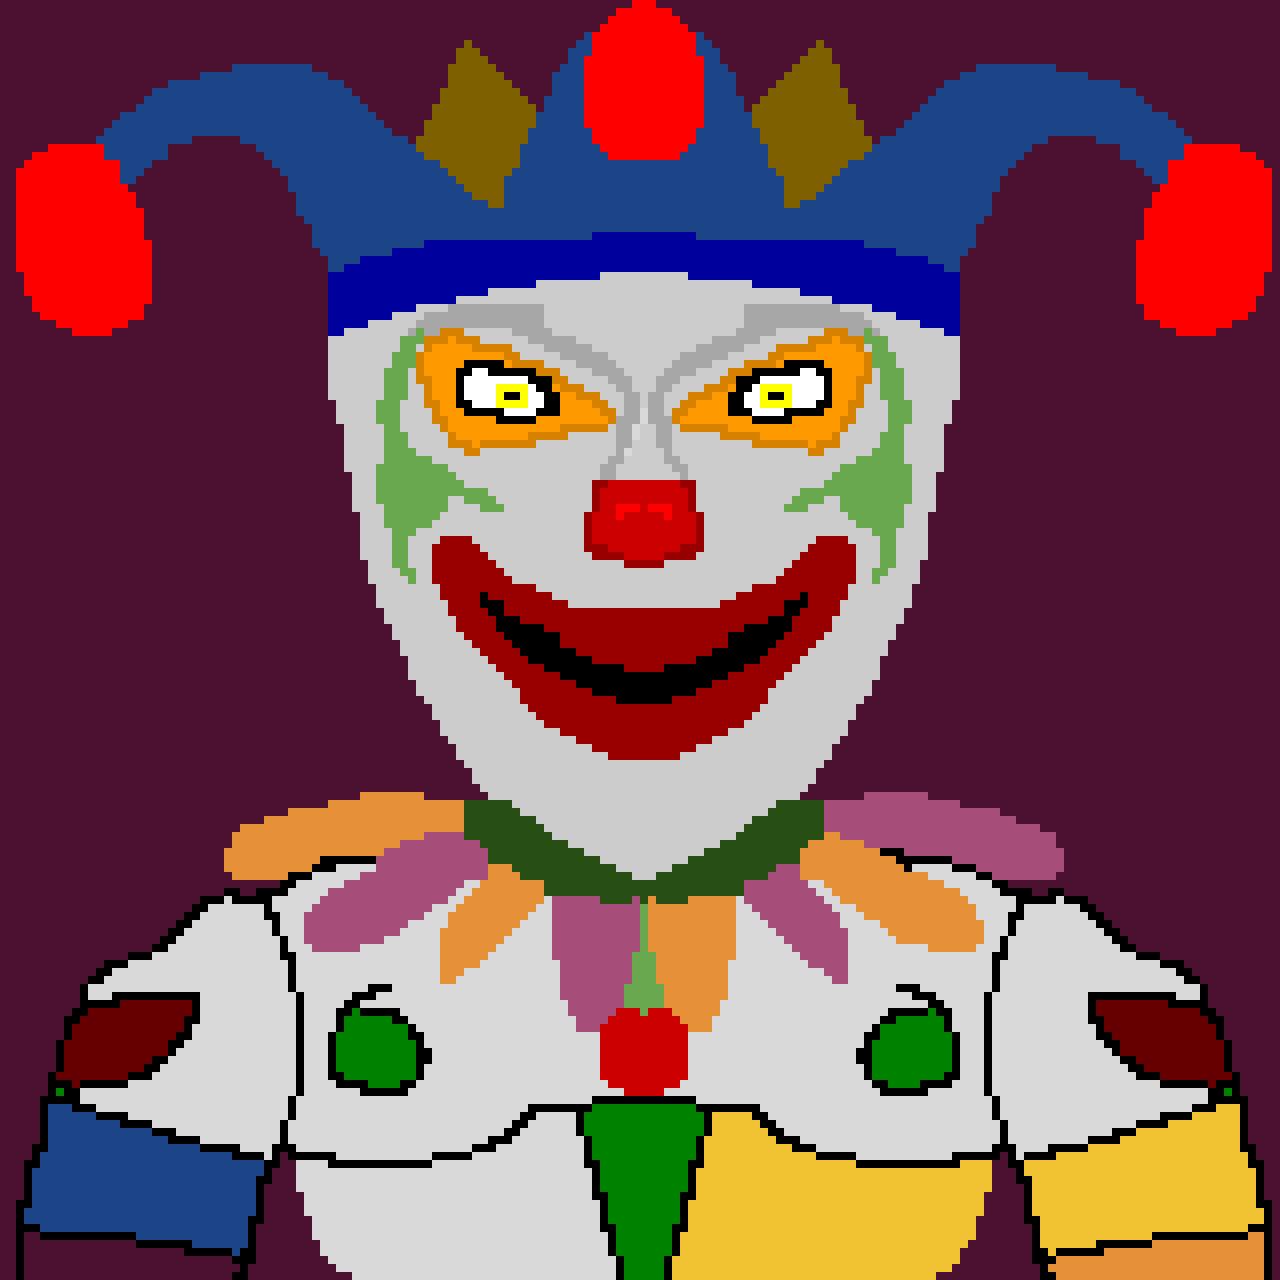 Adrian The Clown